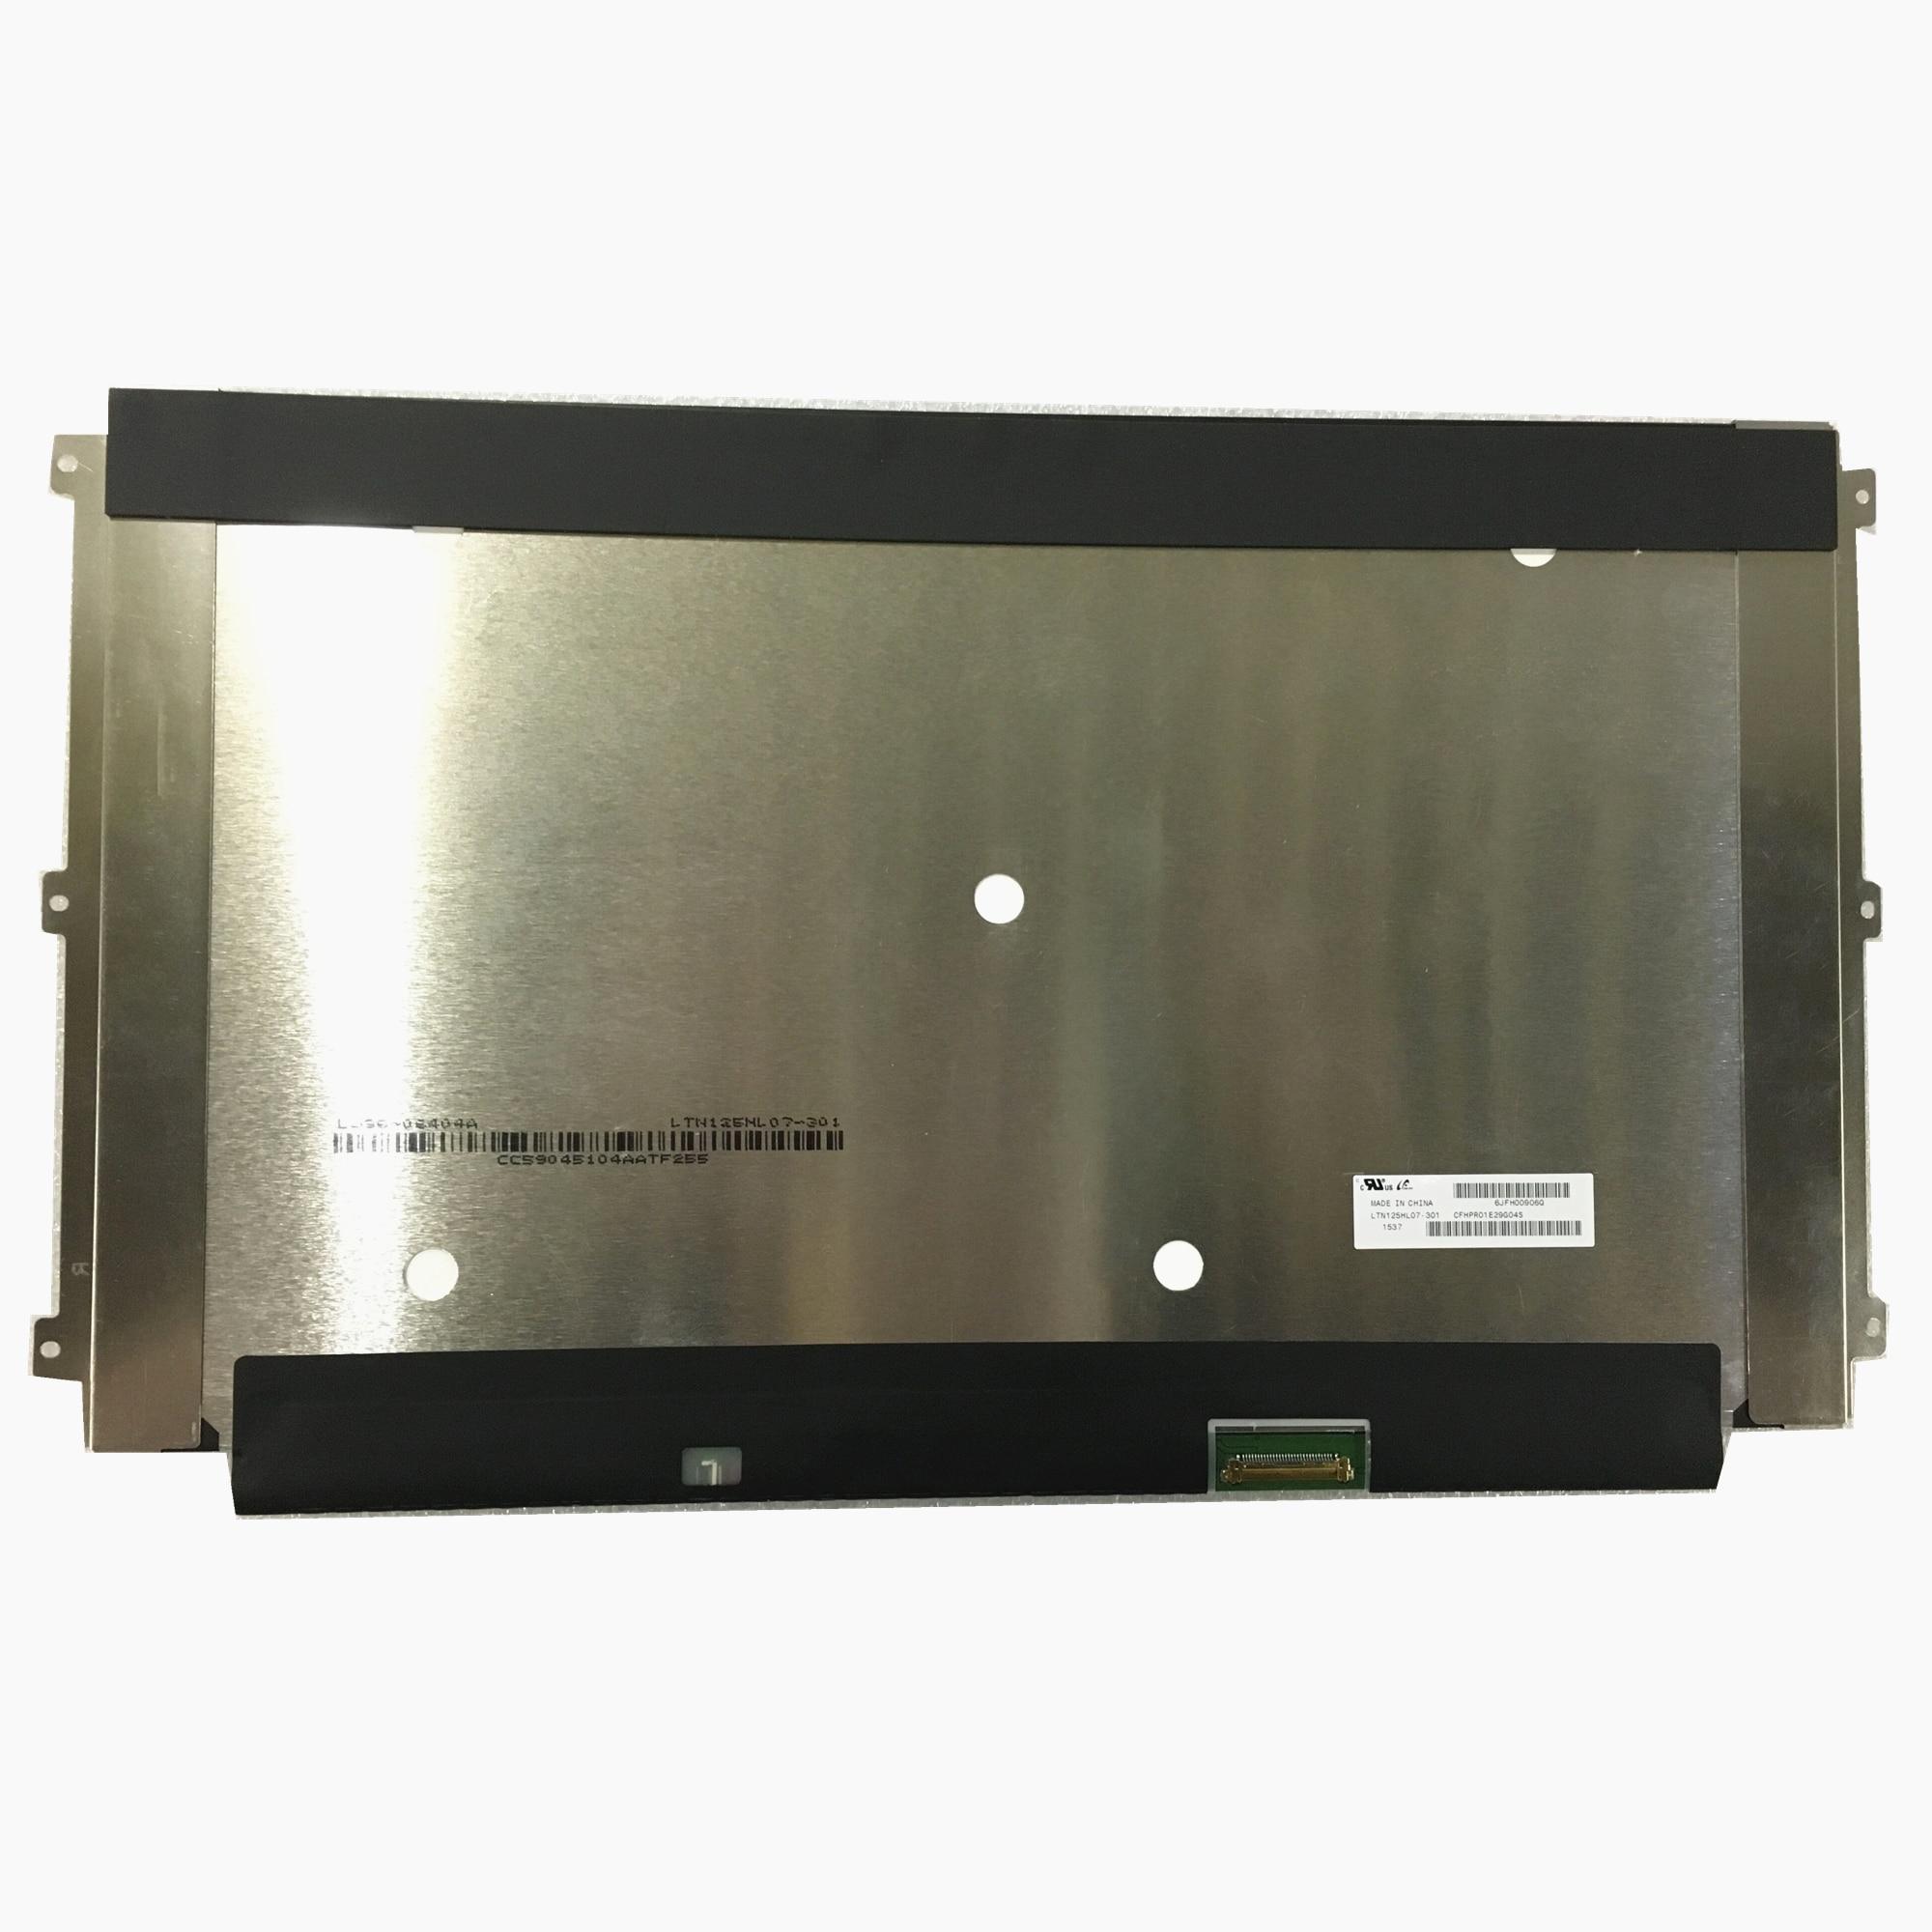 شحن مجاني LTN125HL07-301 LTN125HL07 301 12.5 بوصة IPS lcd شاشة إد P30 دبابيس 1920*1080